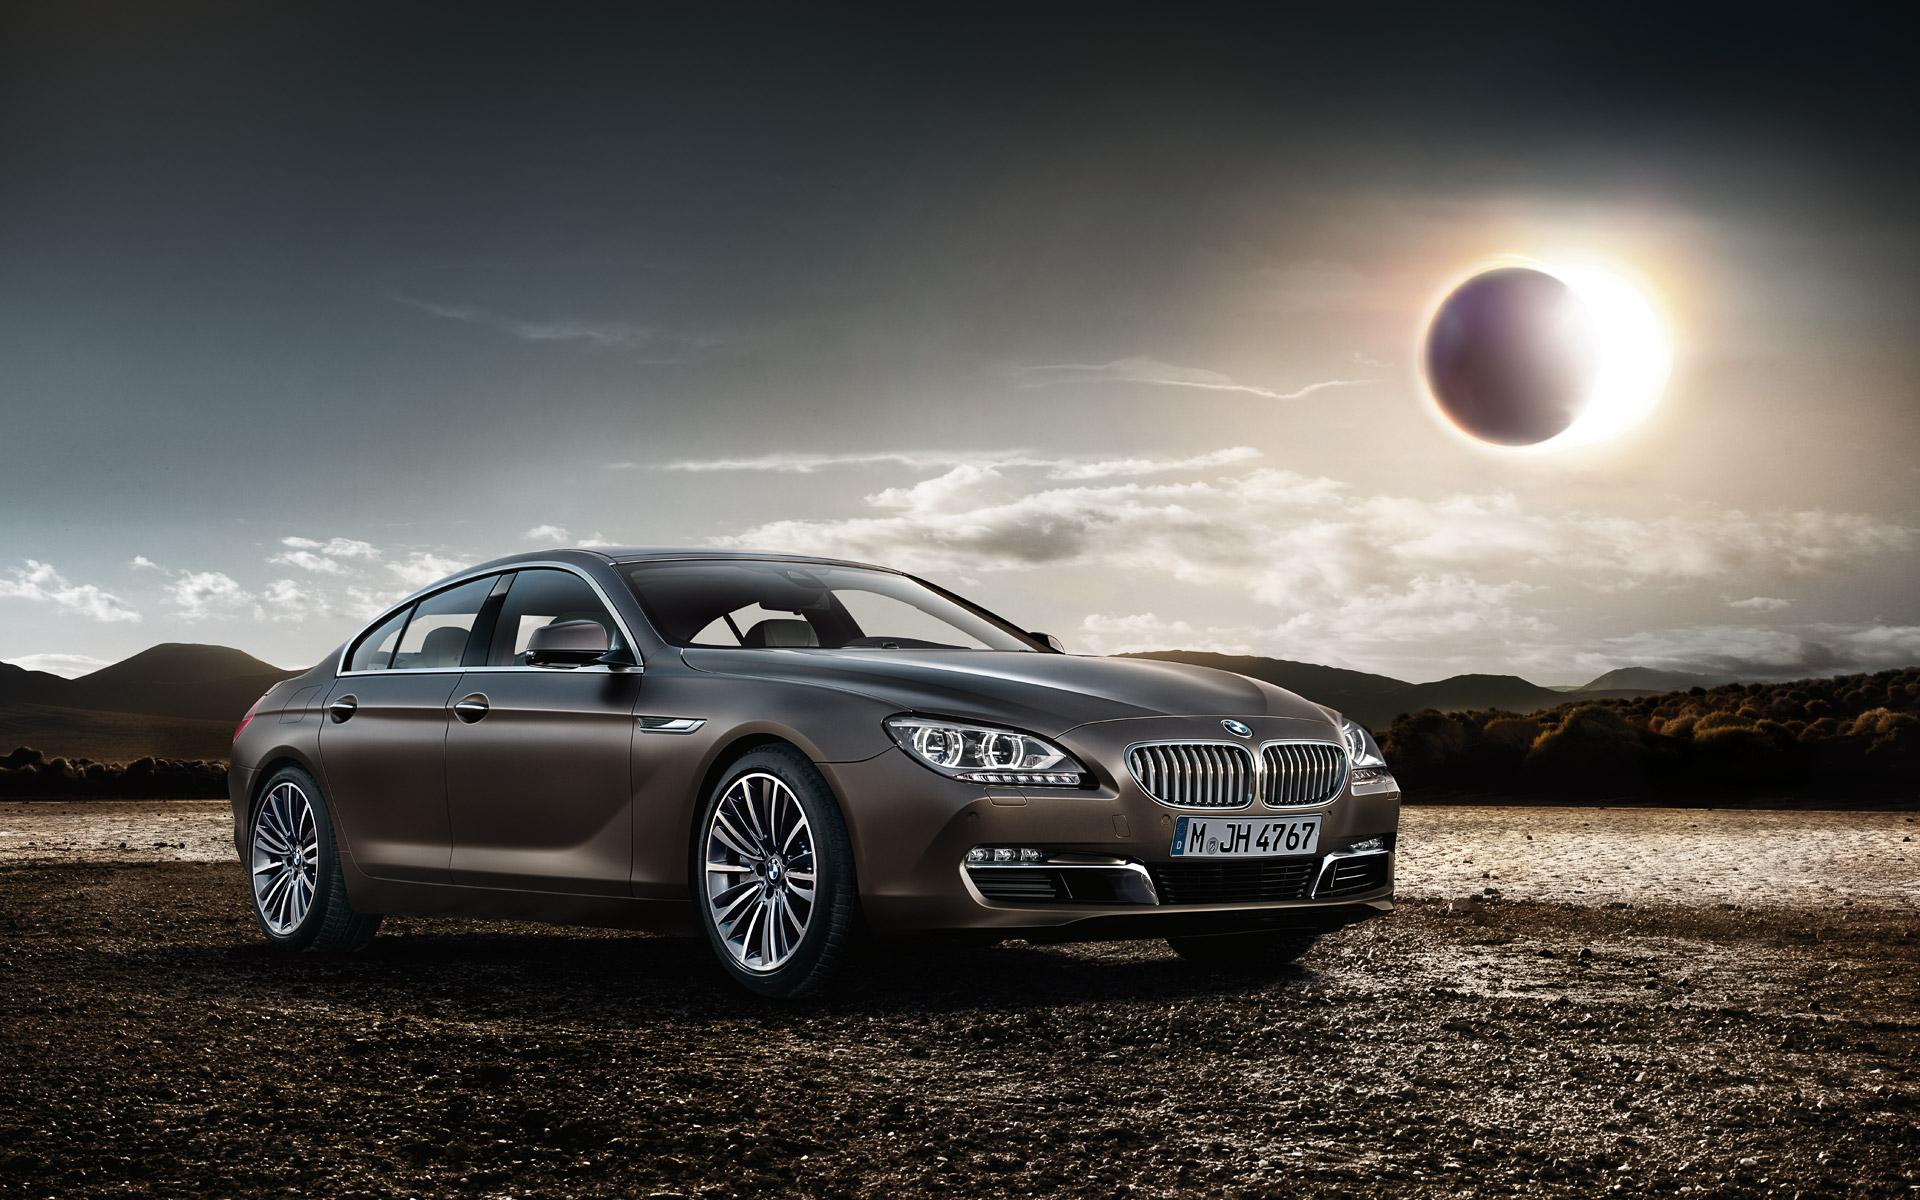 BMW 6 Series Gran Coupe Wallpaper 01 1920x12003